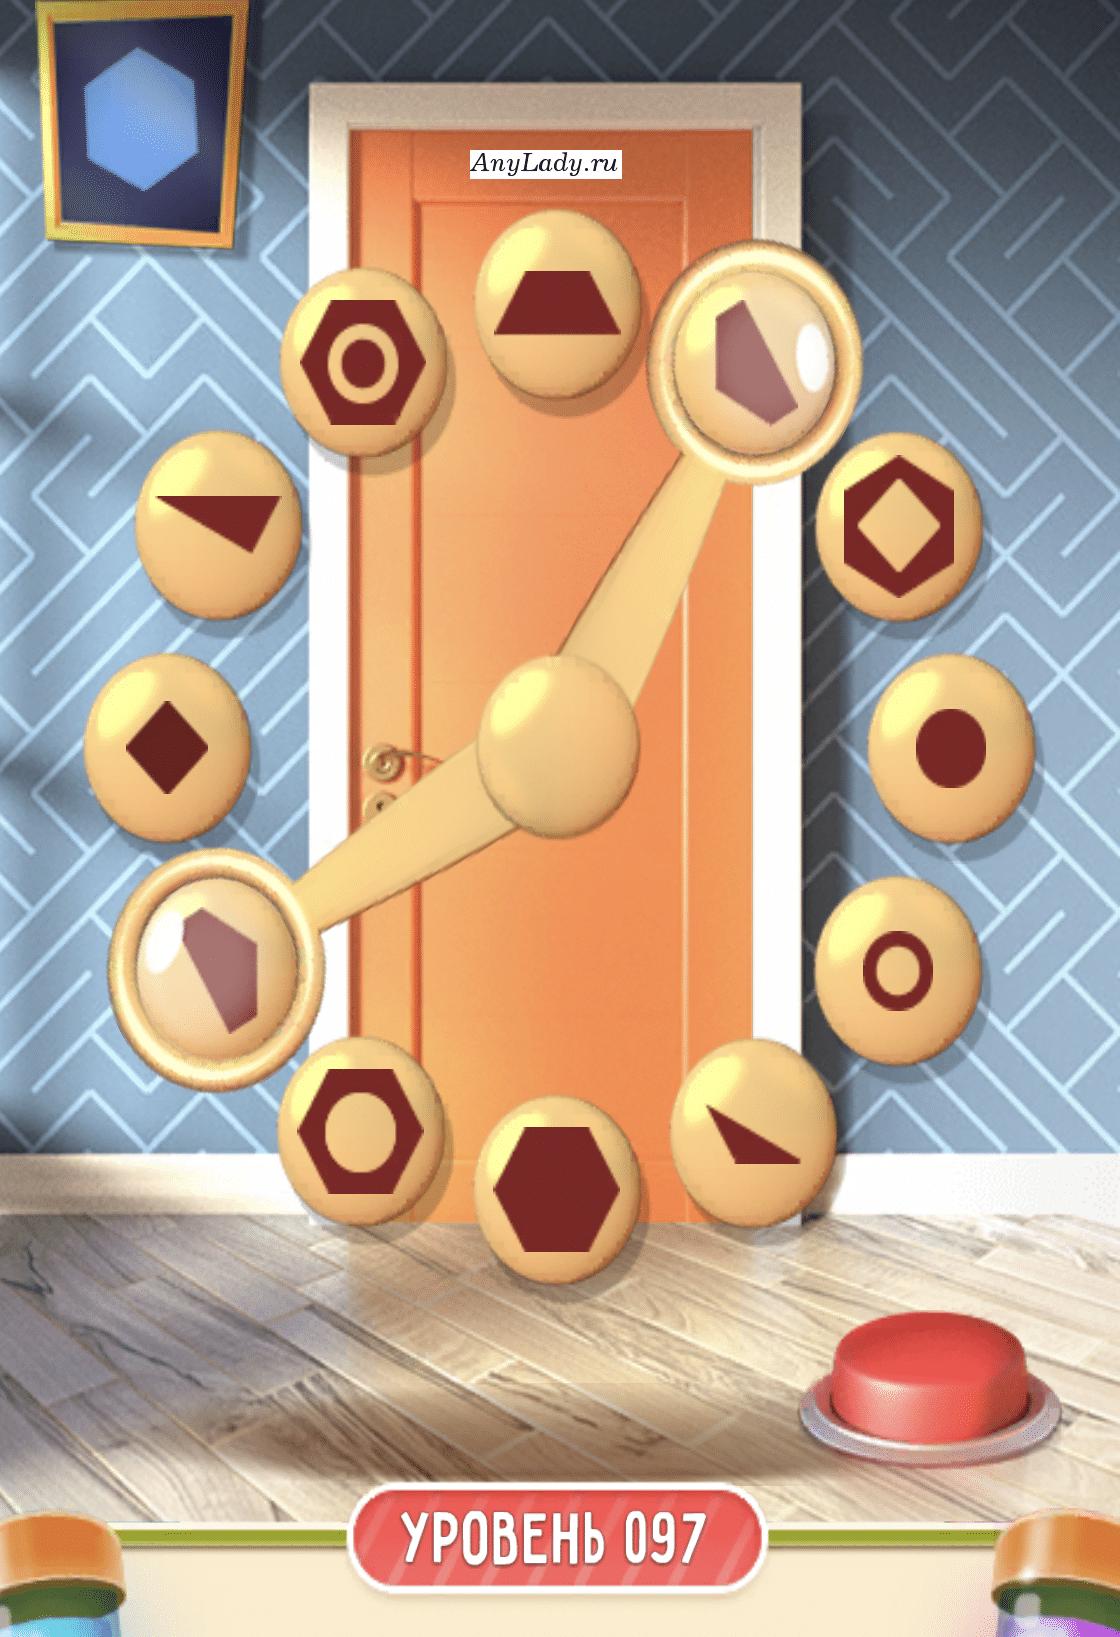 Перед Вами имитации часового циферблата, с помощью стрелок нужно собрать геометрическую фигуру.